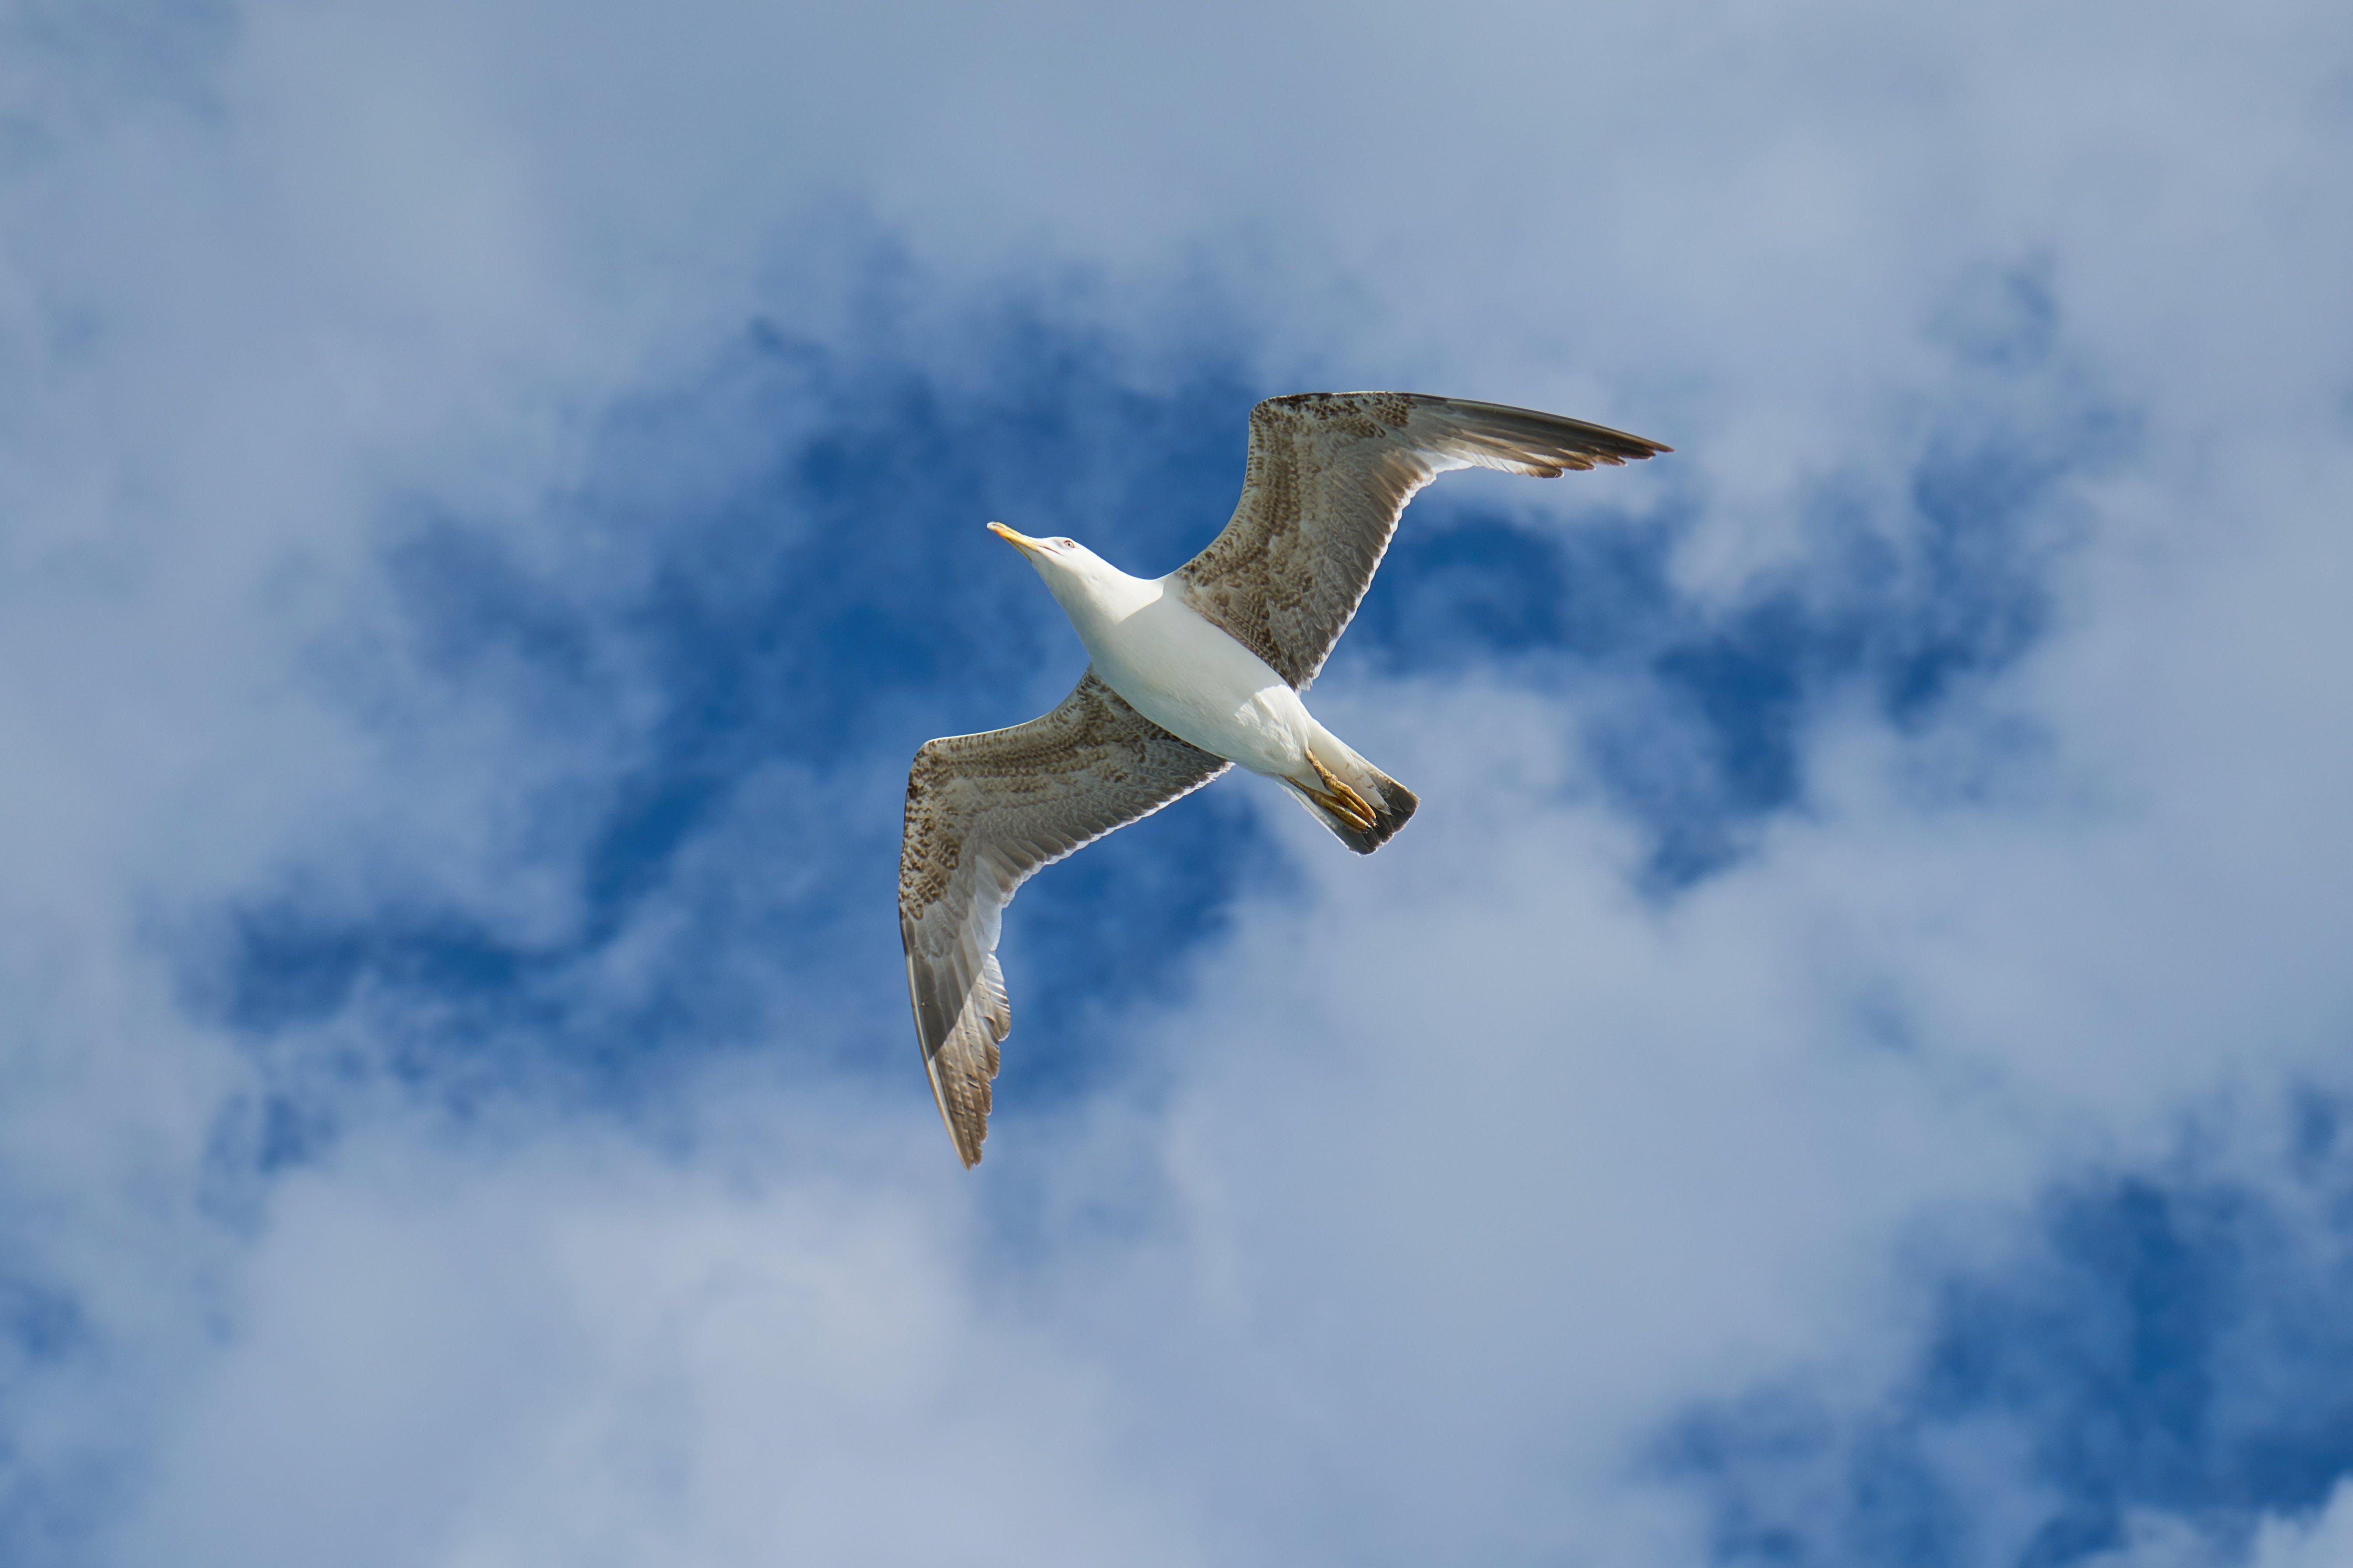 경치, 구름, 날개, 날으는의 무료 스톡 사진